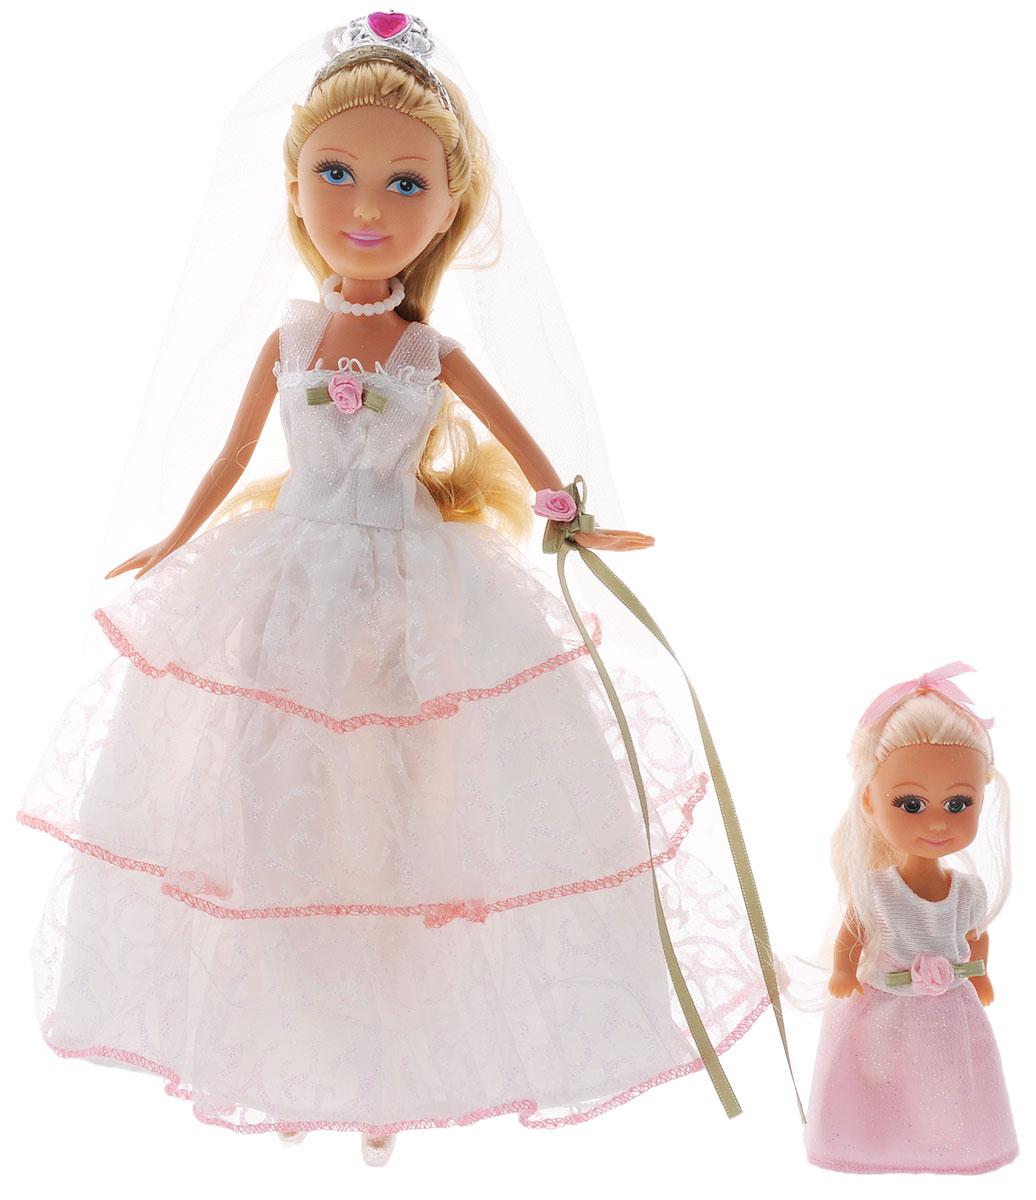 ABtoys Игровой набор Невесты240159Игровой набор ABtoys Невесты придется по душе вашей малышке. В данном наборе представлены куклы невесты - чудесные подружки, готовящиеся к свадебной процессии. Мама и дочка в свадебных нарядах, на головах у них чудесные свадебные прически. Они выполнены из высококачественного пластика, ручки, ножки и голова подвижны. Ваша девочка с удовольствием будет придумывать множество забавных историй со своими новыми любимицами и не оставит их без внимания ни на секунду.